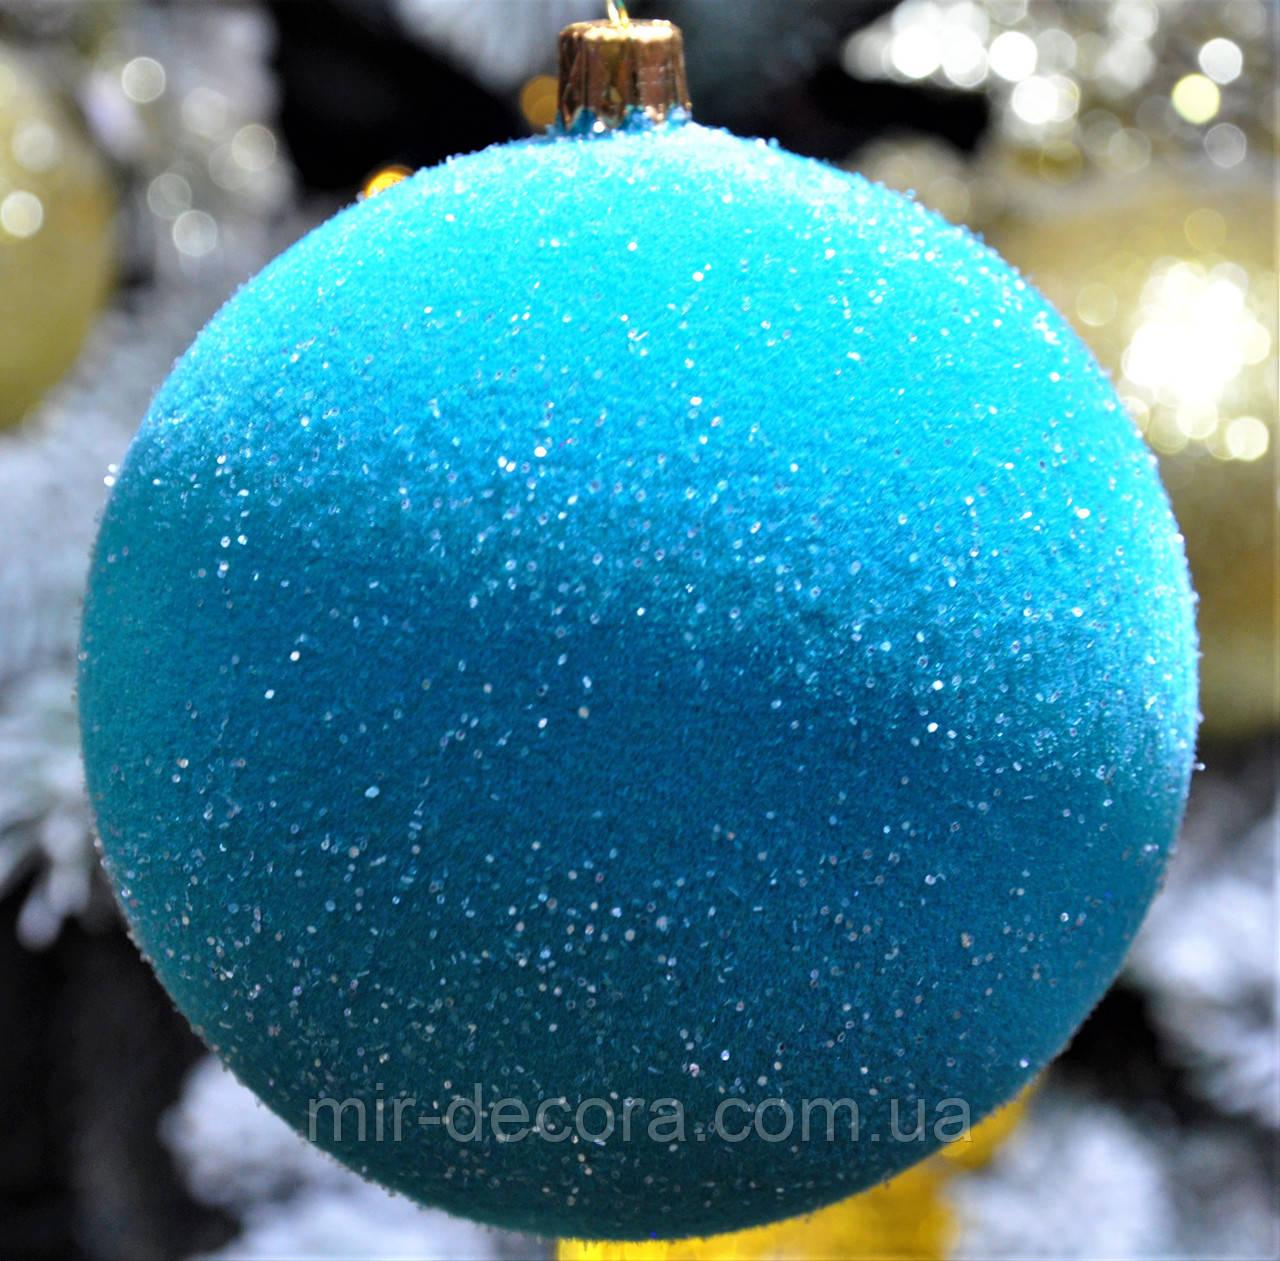 """Новогоднее украшение на елку в наборе """"Бархат бирюза"""" диаметр 80 мм (в уп. 4 шт.)"""